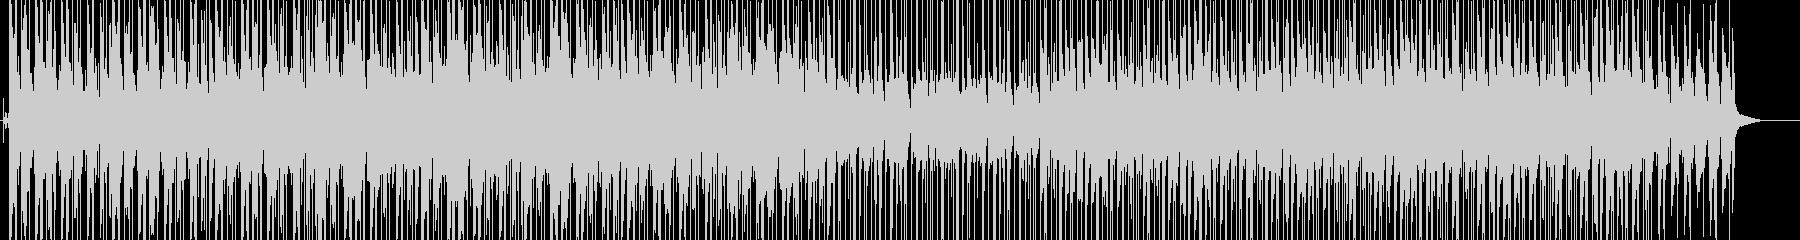 Lo-Fi-おしゃれ-動画-ピアノ-CMの未再生の波形